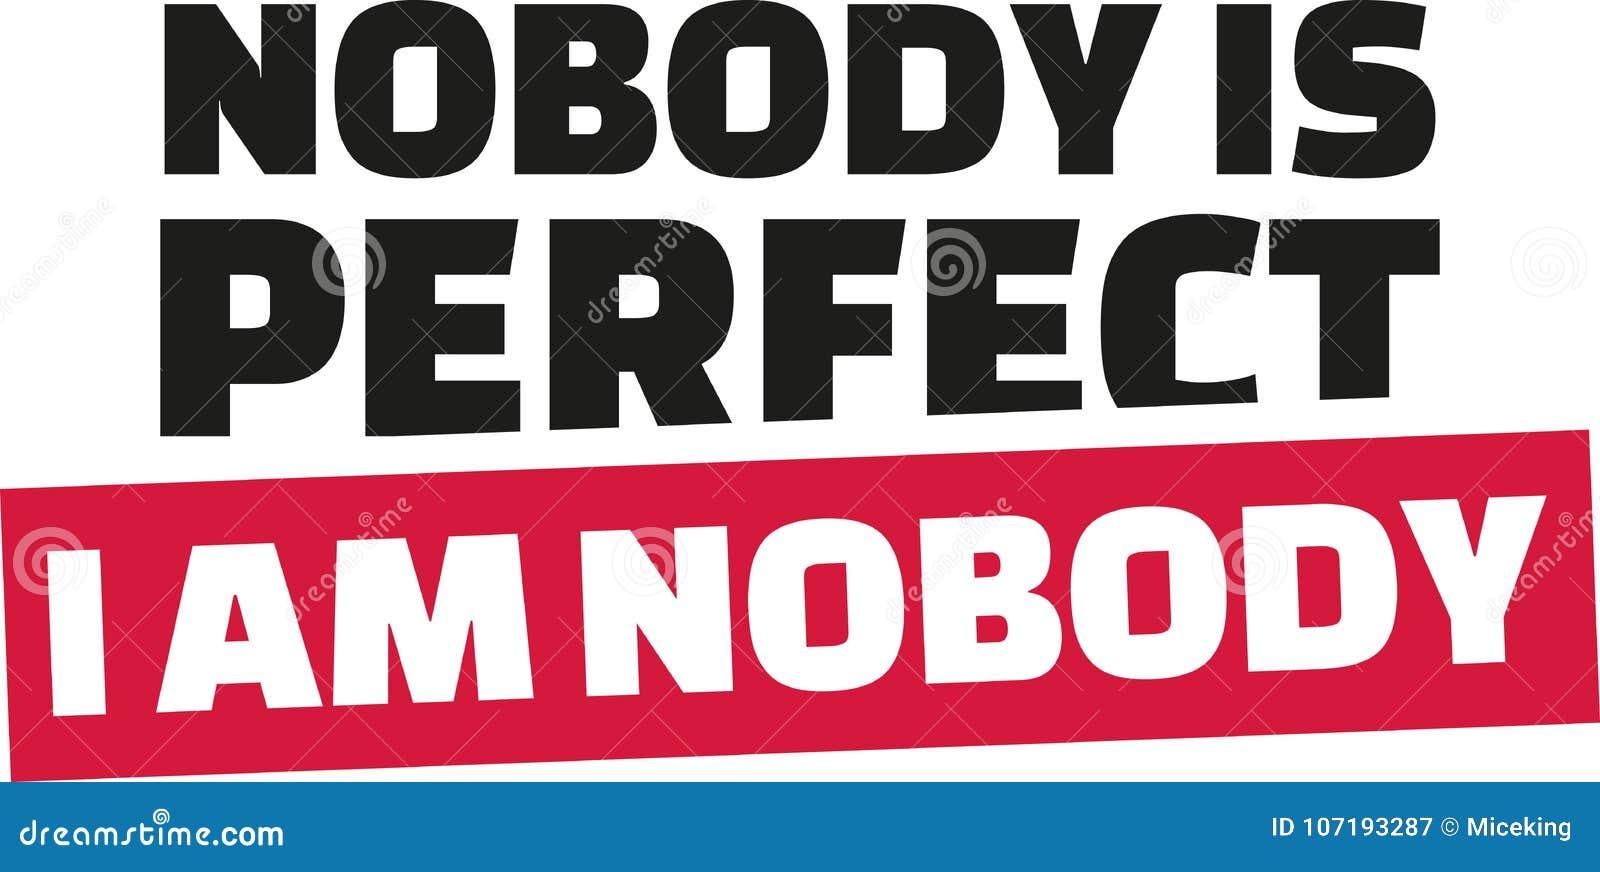 Niemand ist perfekt Ich bin niemand